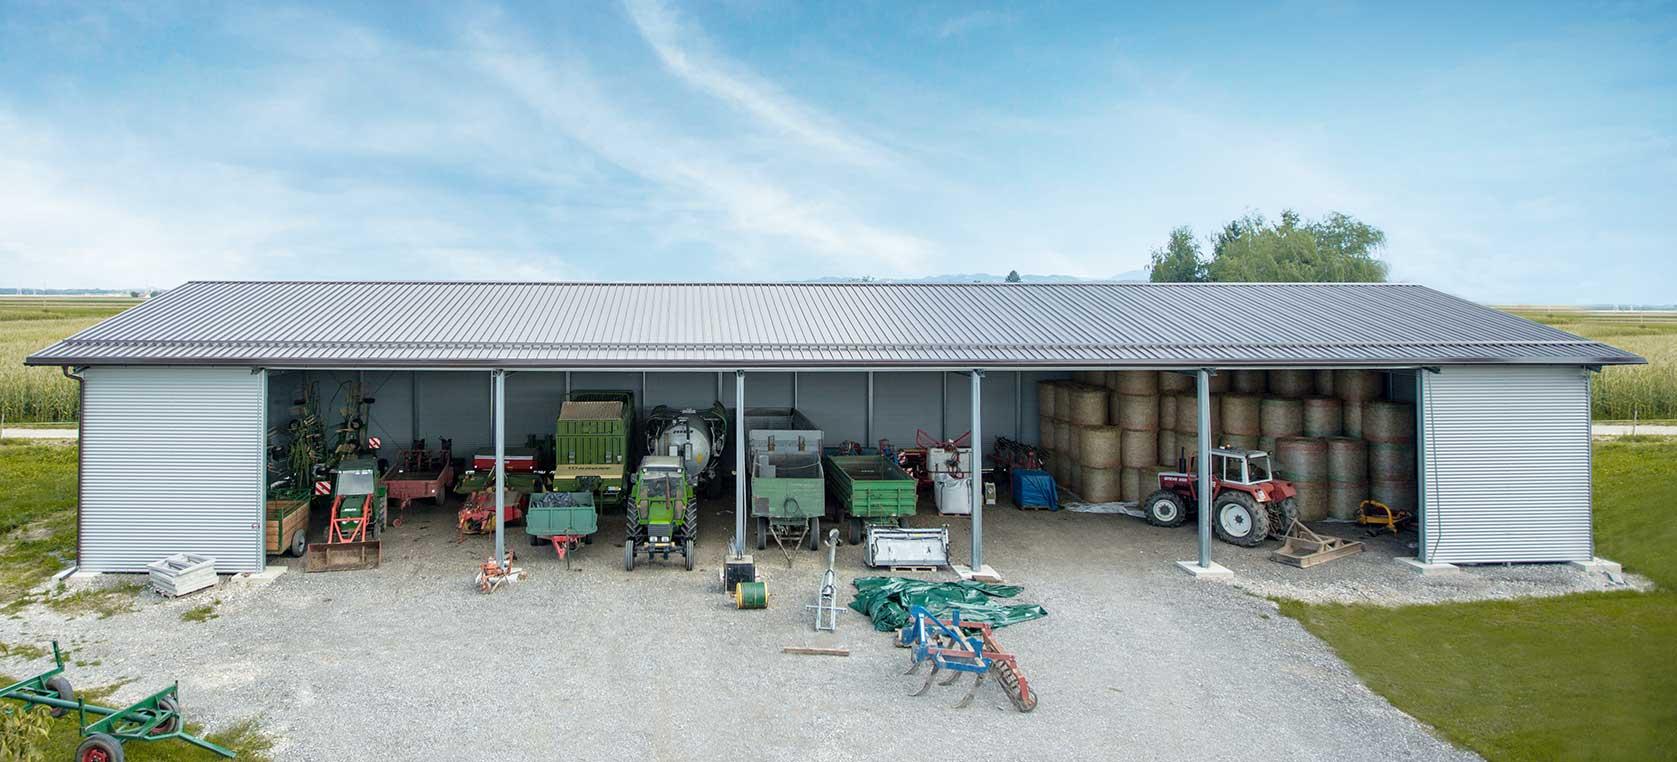 Kmetijski objekti, hlevi in skladišča iz robustnih jeklenih konstrukcij